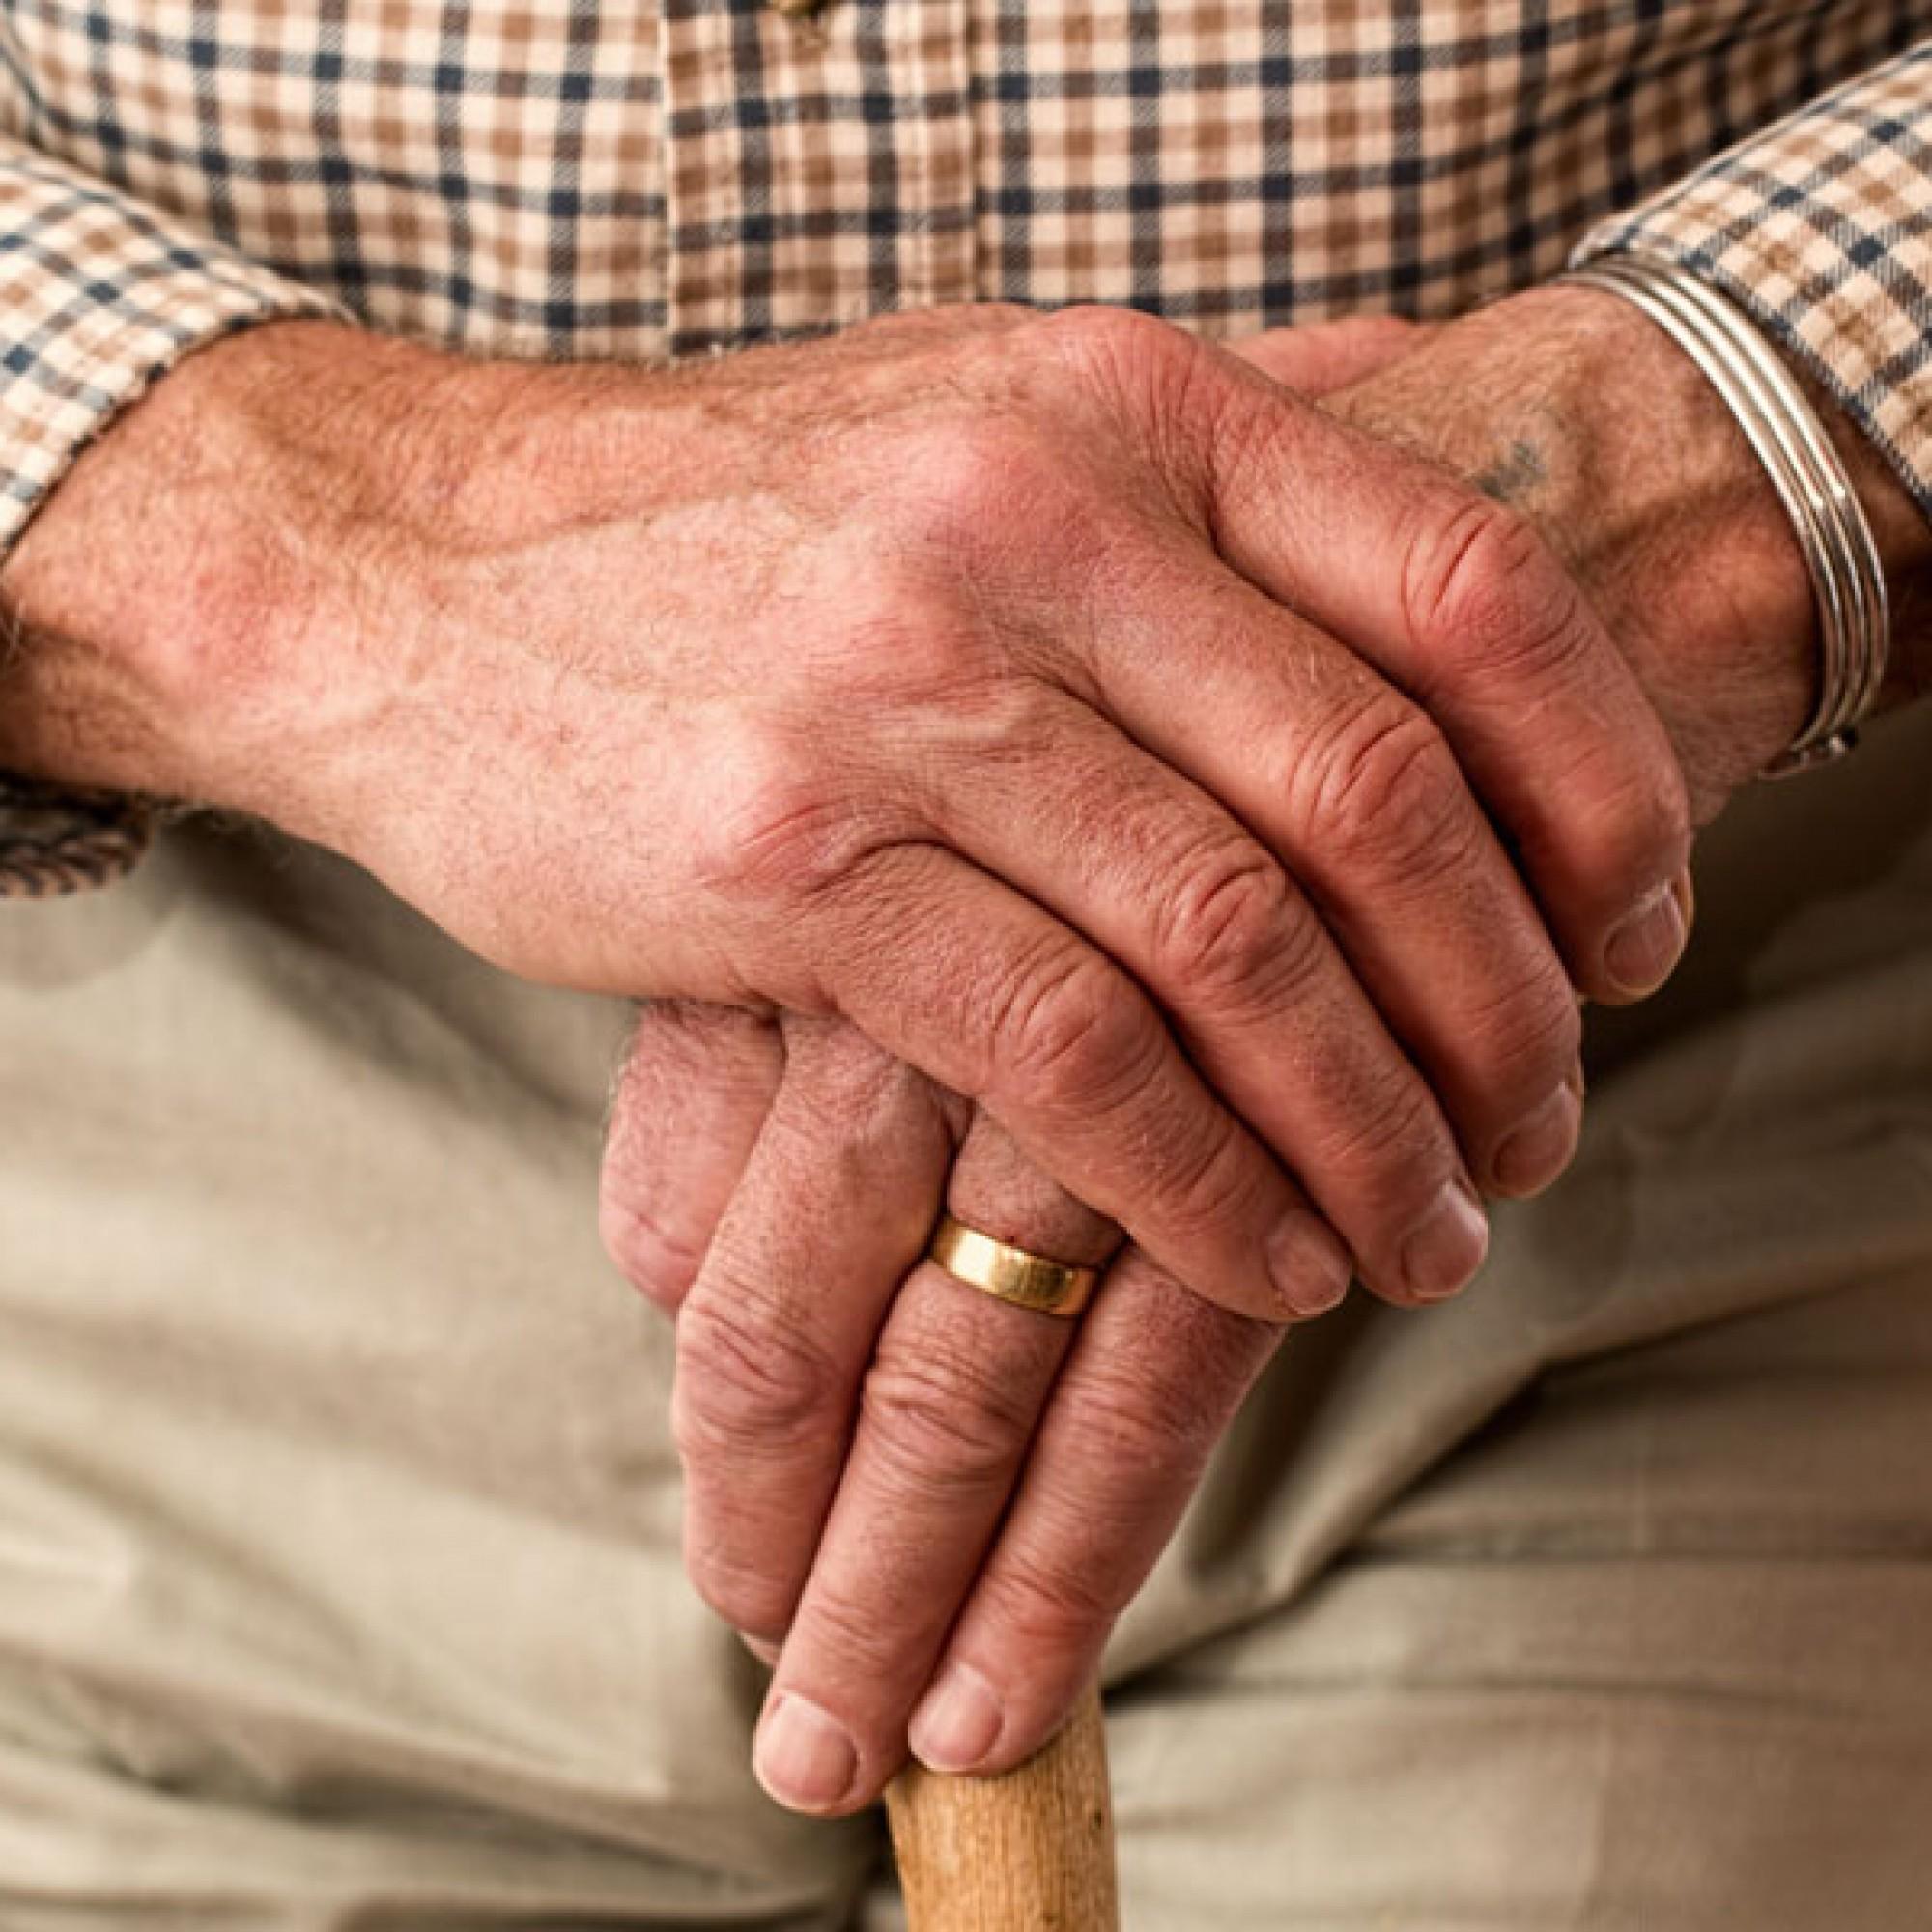 Viele Senioren bleiben wegen der niedrigen Miete in zu grossen Wohnungen (Symbolbild, gemeinfrei)